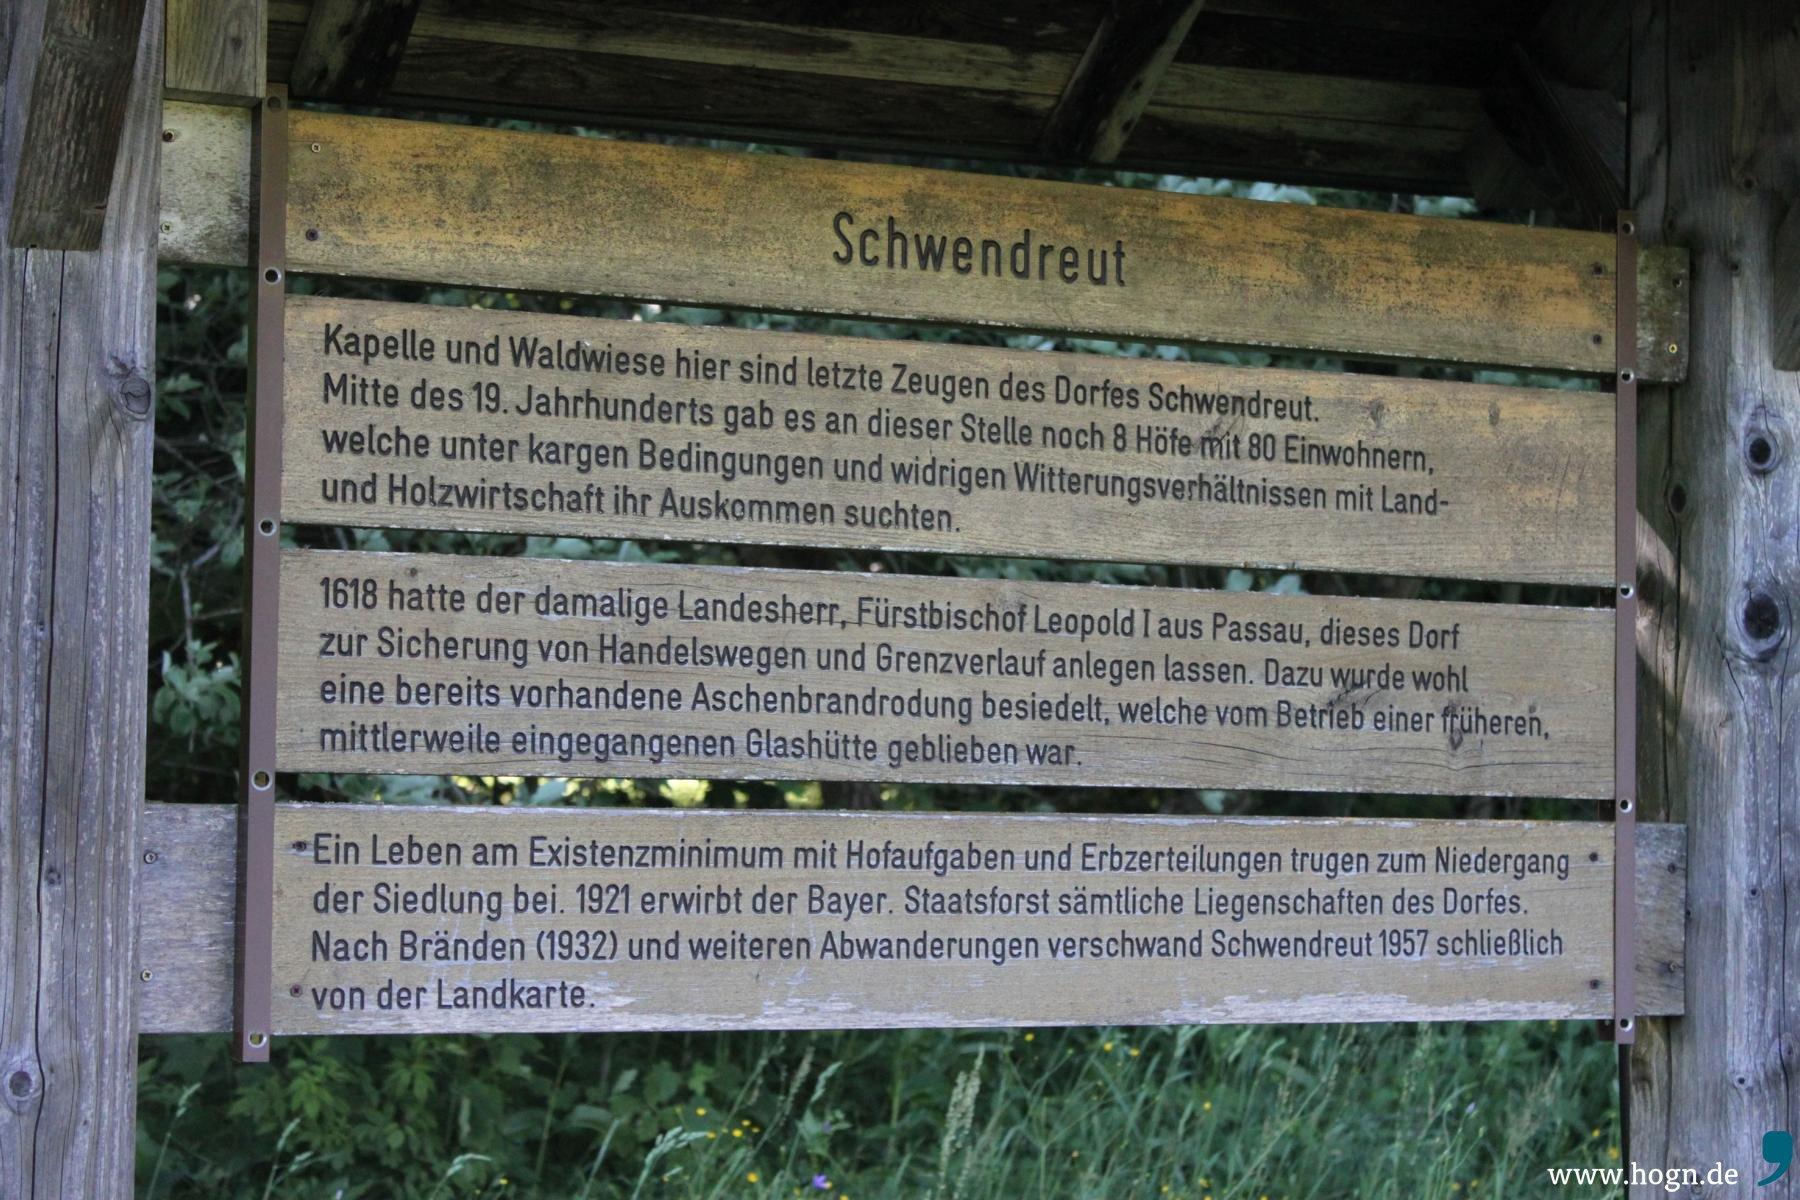 k1600_schwendreut-156